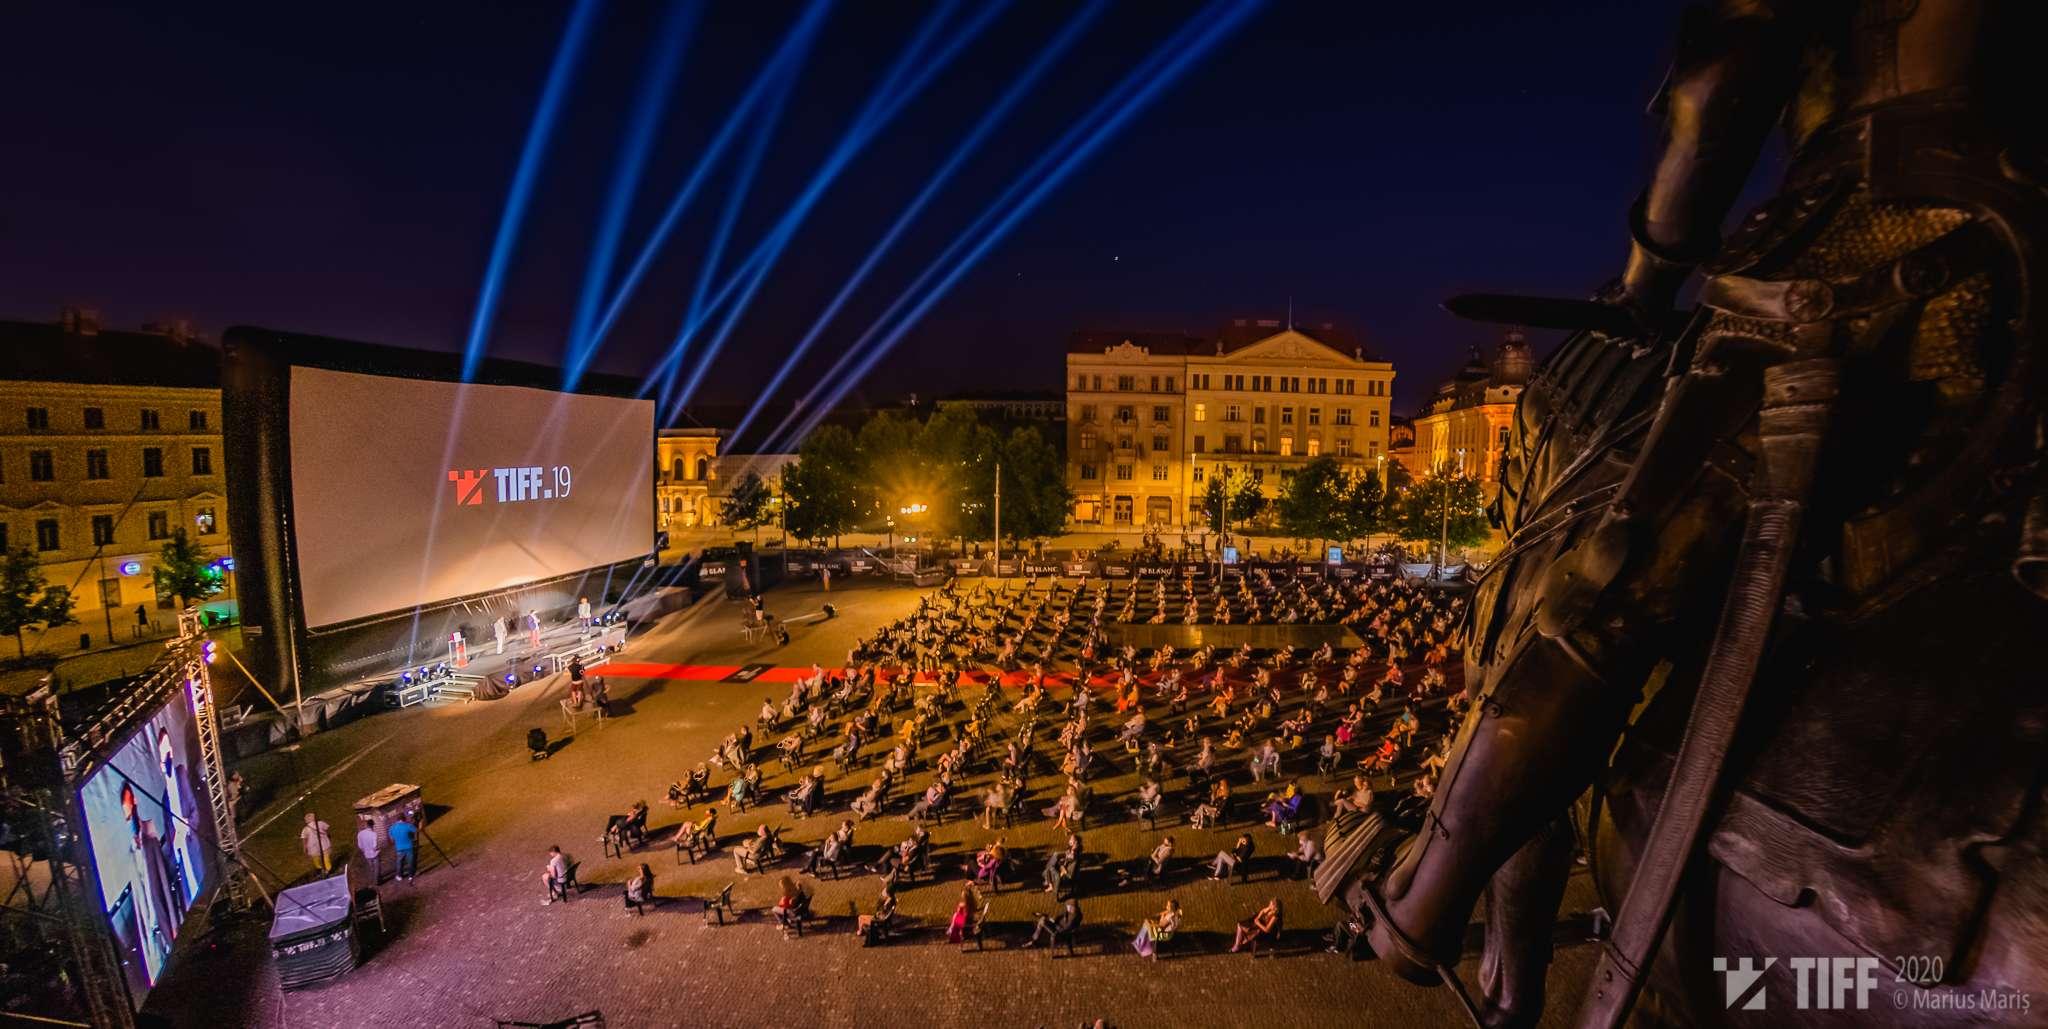 TIFF 2020 s-a încheiat; a fost primul mare festival de film din Europa care a îndrăznit să fie